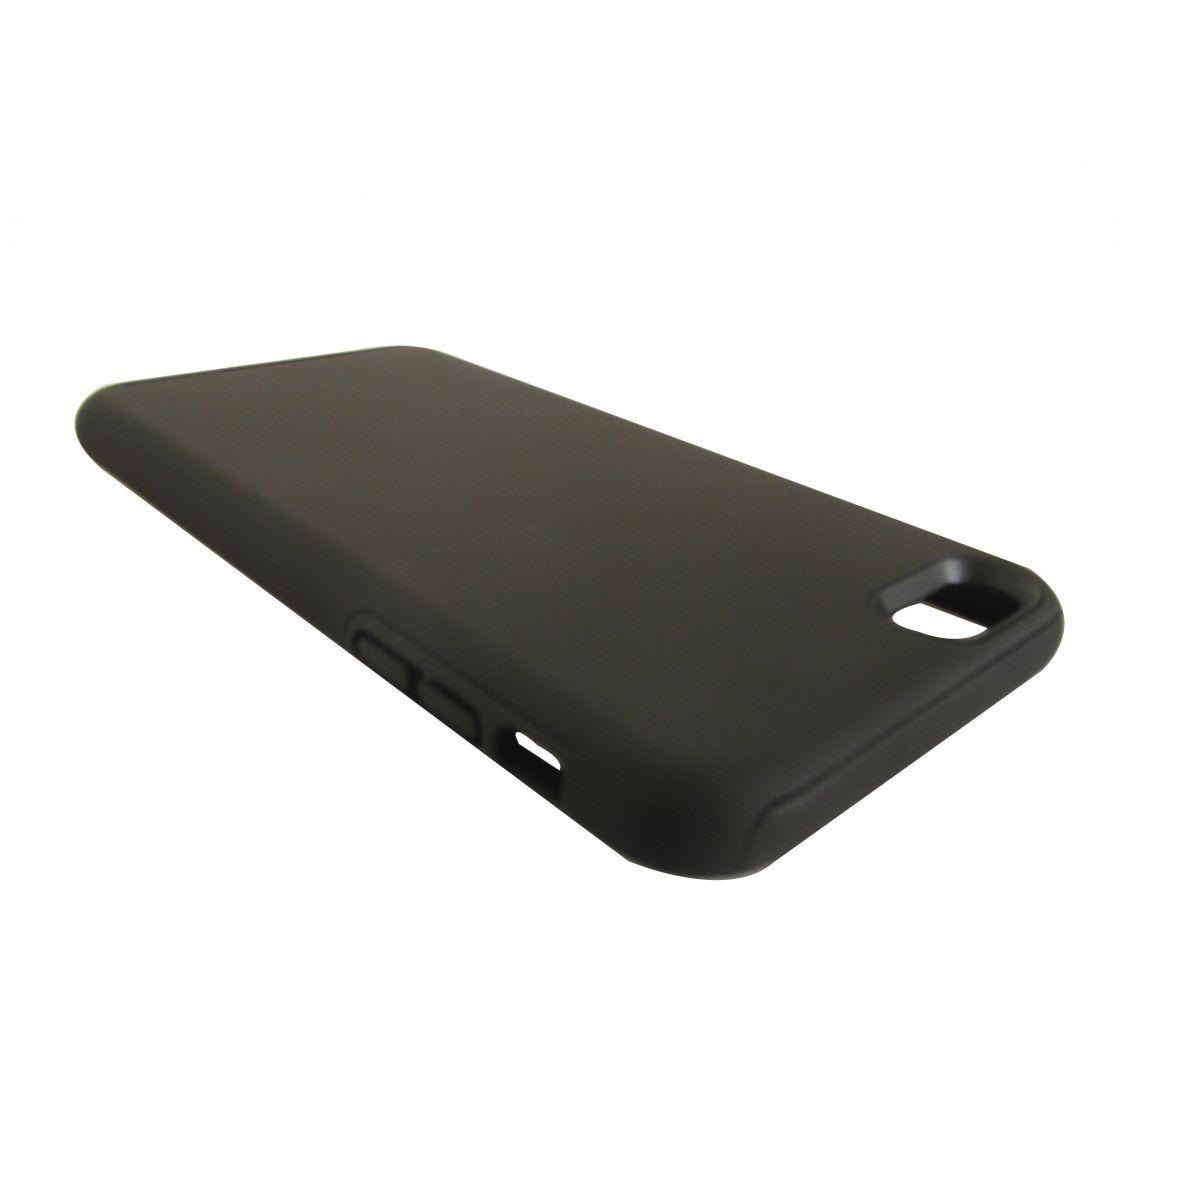 Capa Impacto Duo Para Iphone 6 Plus Intelimix Preta